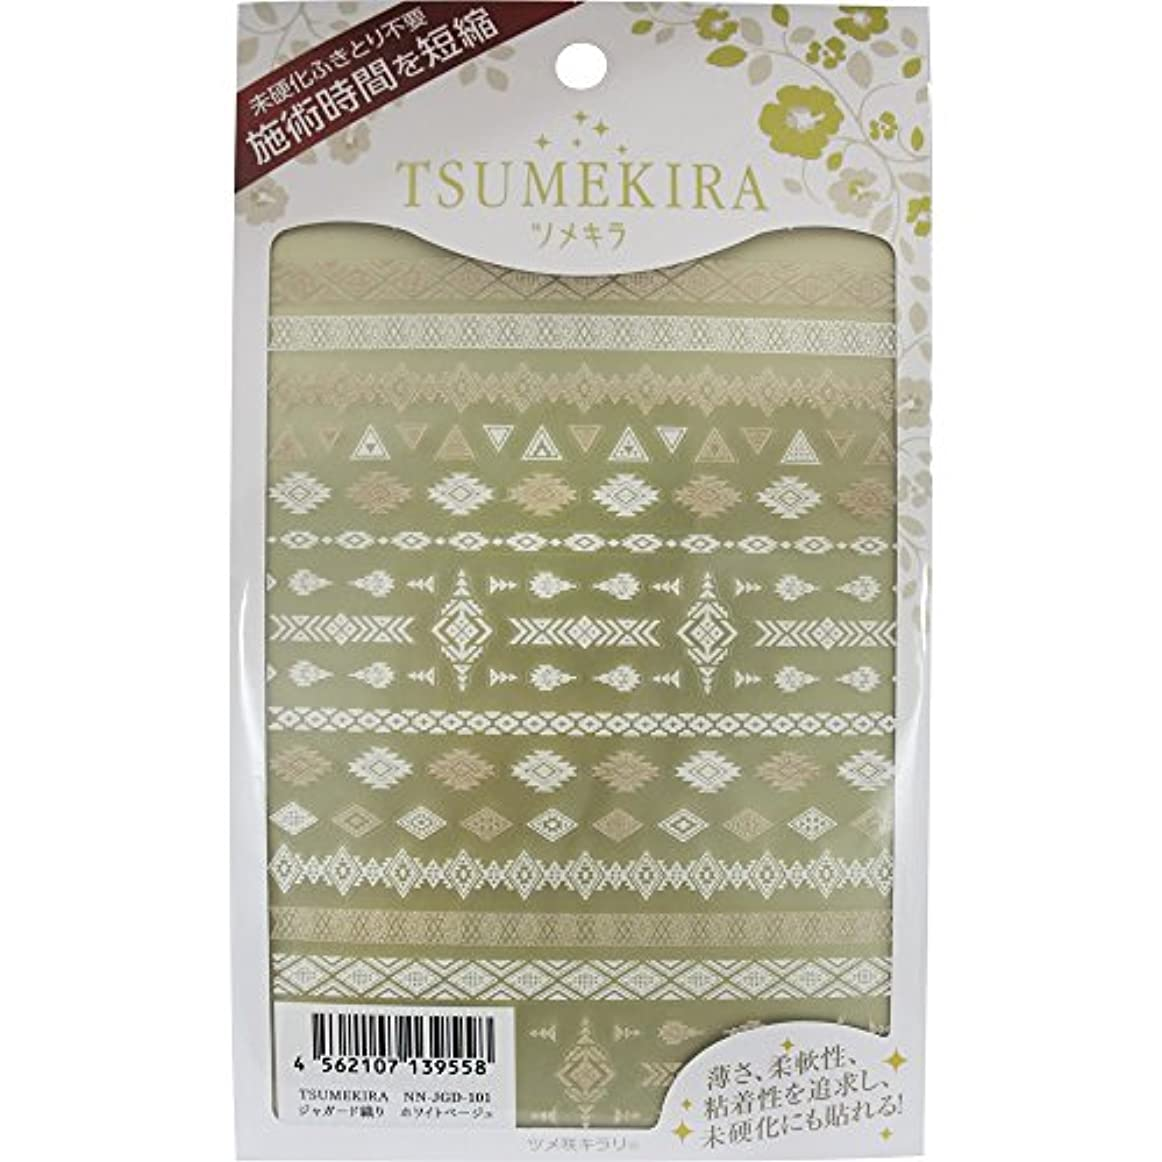 正しく額闘争ツメキラ(TSUMEKIRA) ネイル用シール ジャガード織り ホワイトベージュ NN-JGD-101